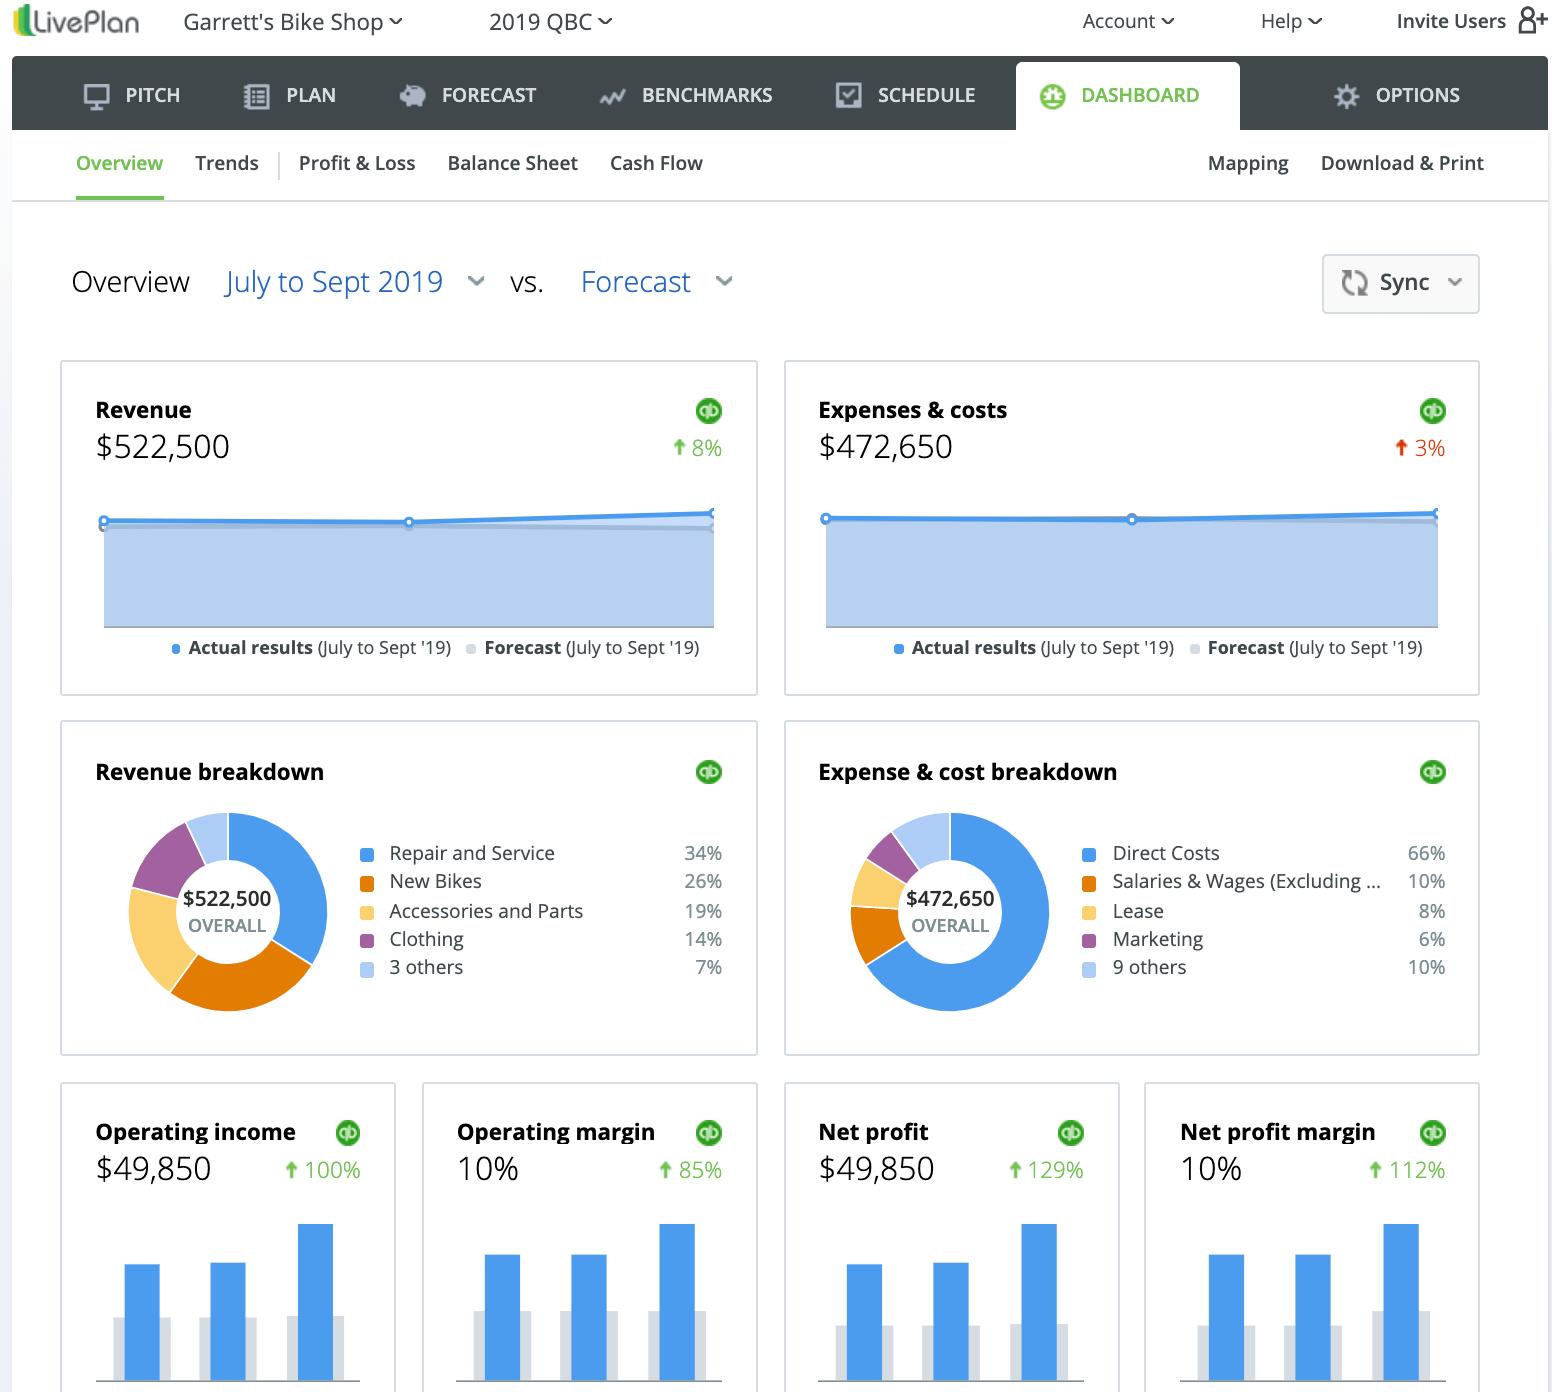 LivePlan Dashboard Overview